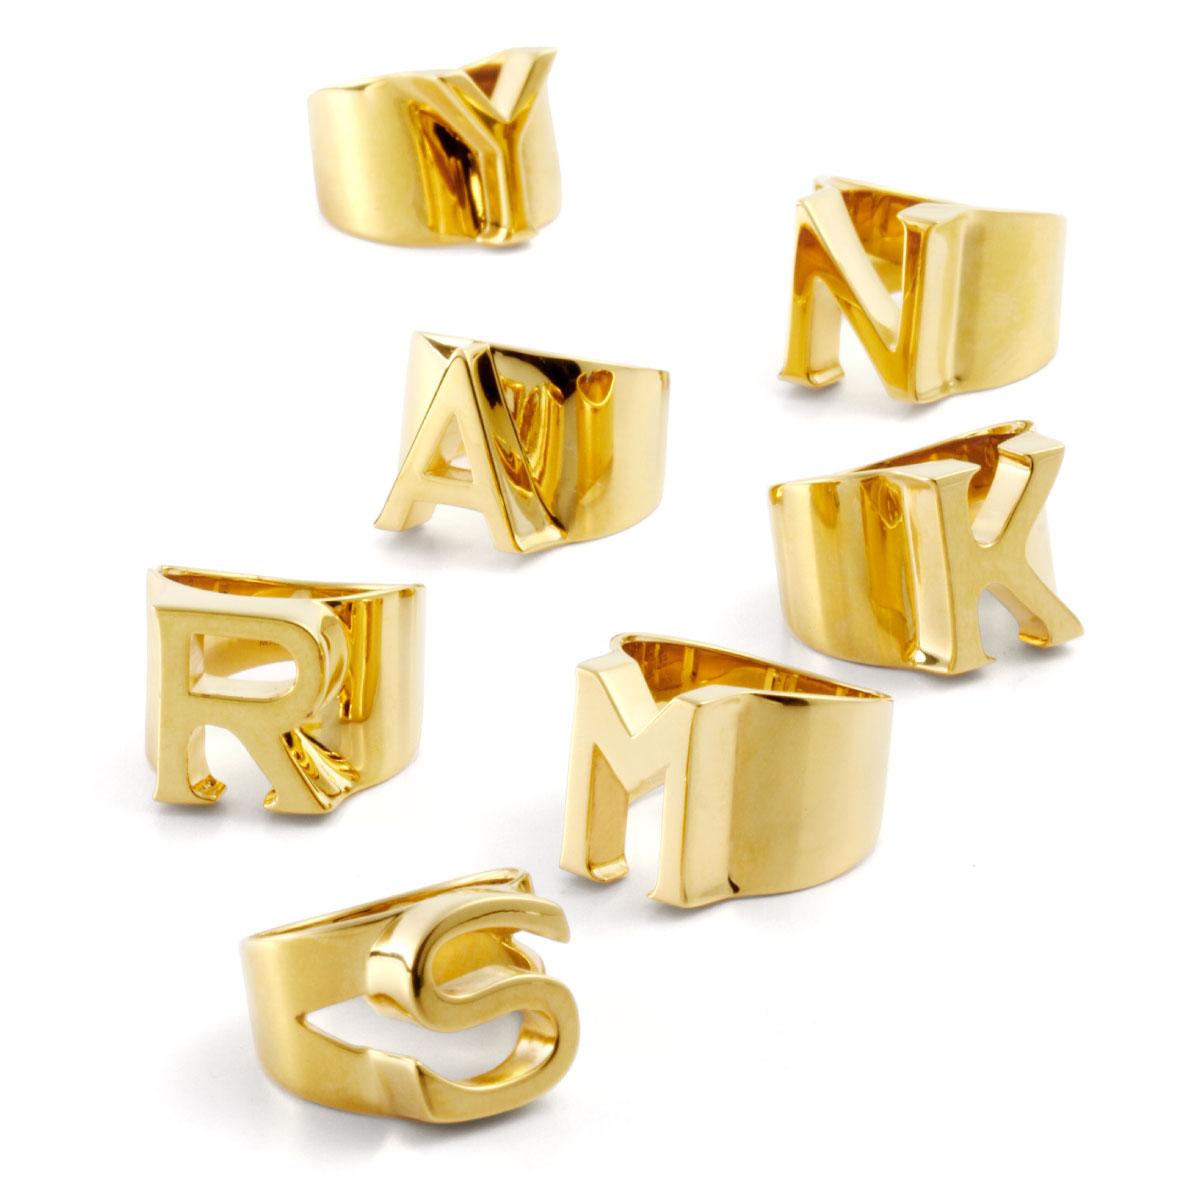 クロエ CHLOE アクセサリー レディース 2R000A CB7 091 リング ALPHABET アルファベット GOLD ゴールド